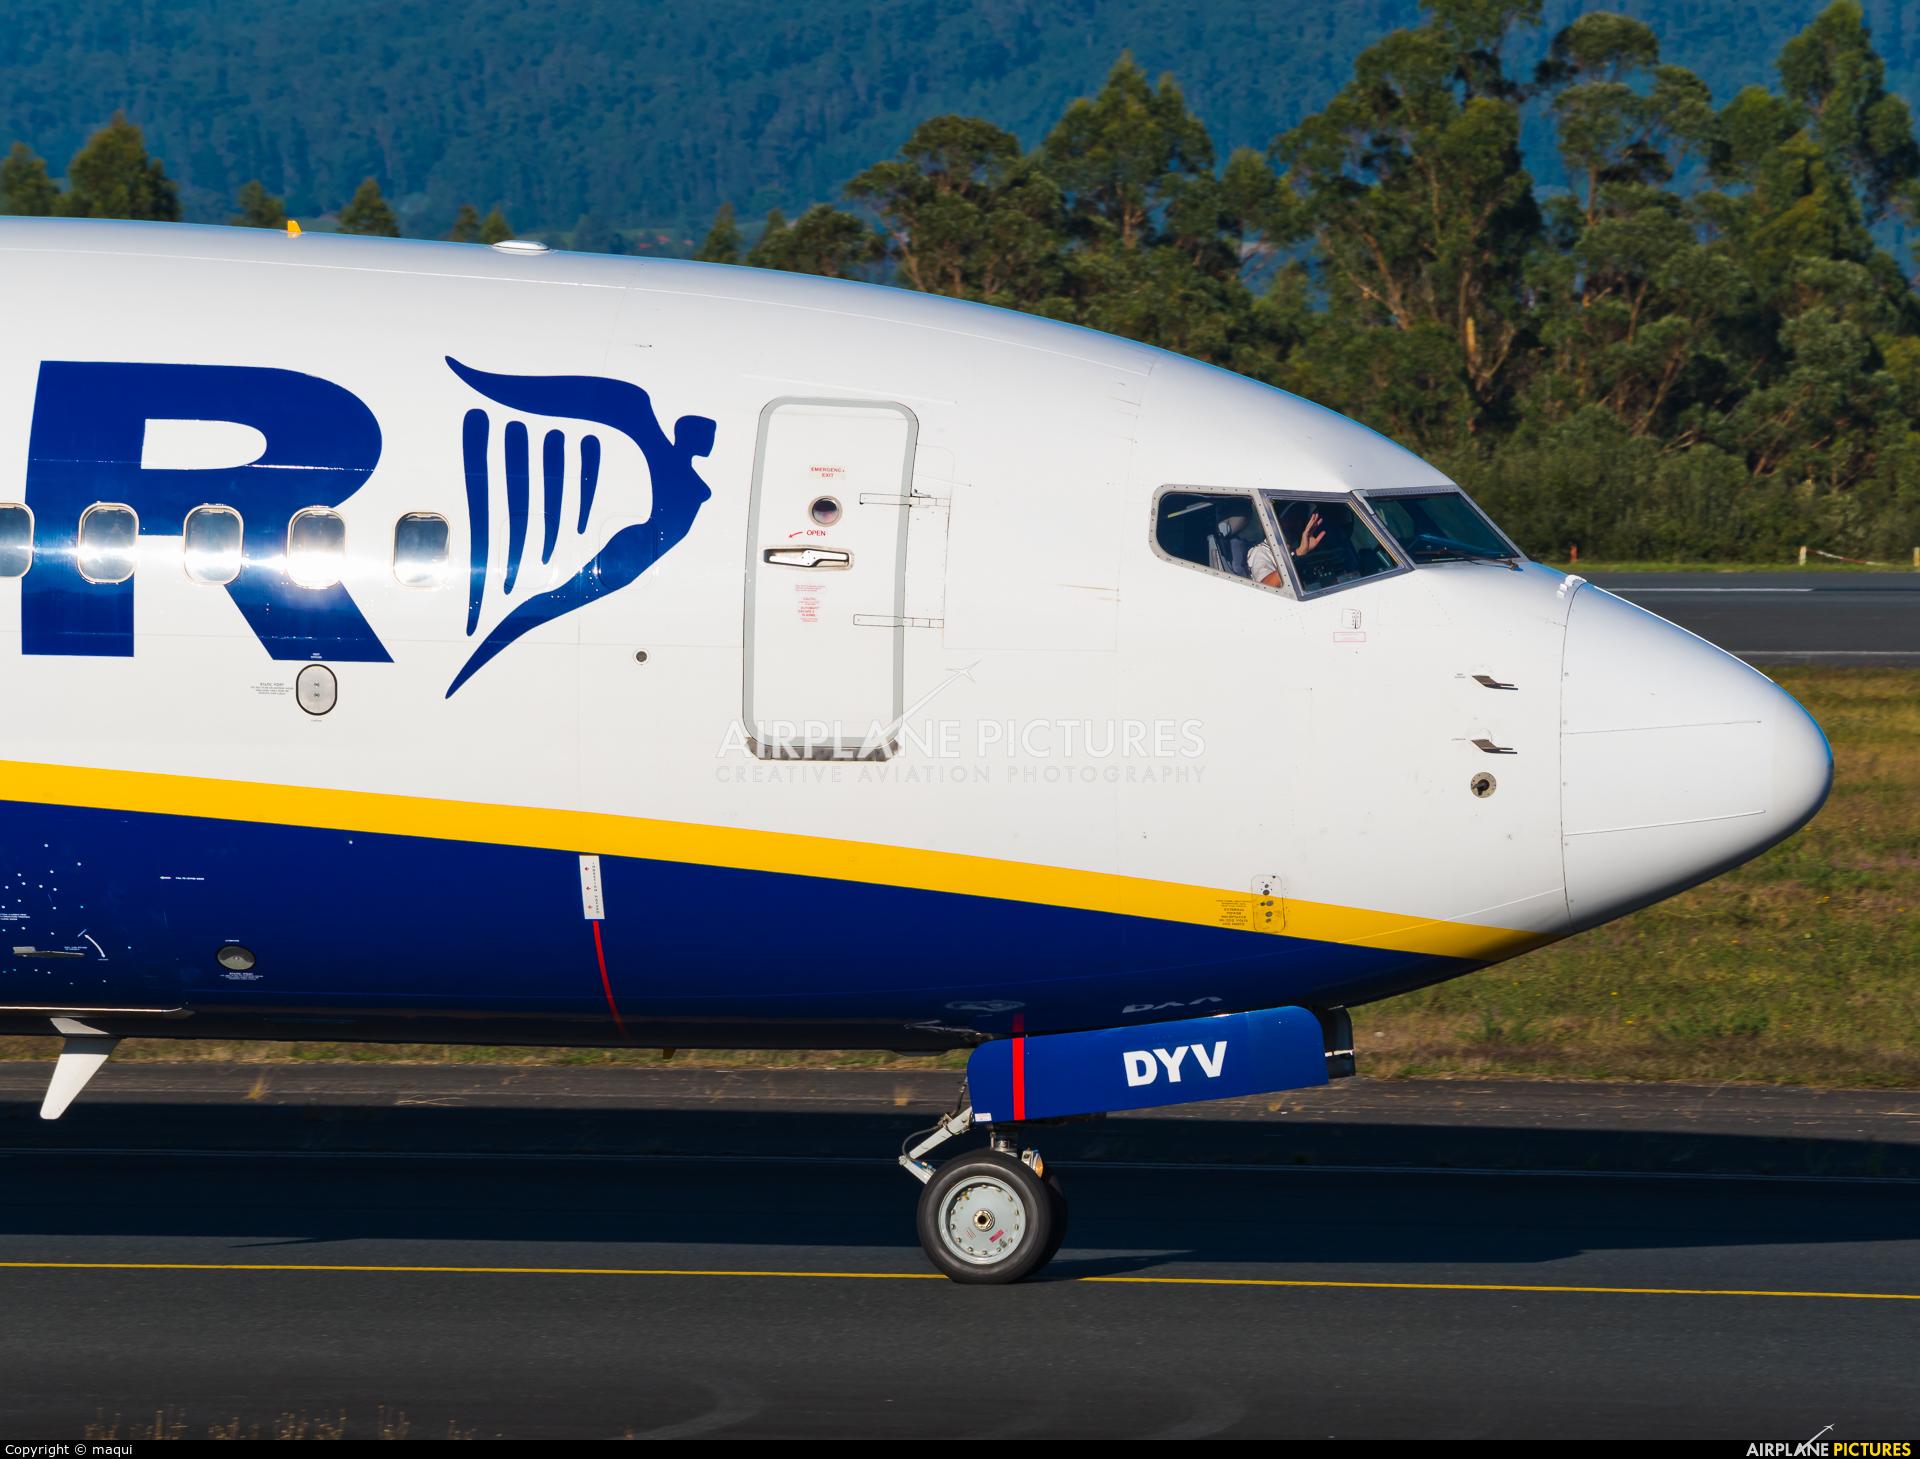 Ryanair EI-DYV aircraft at Santiago de Compostela